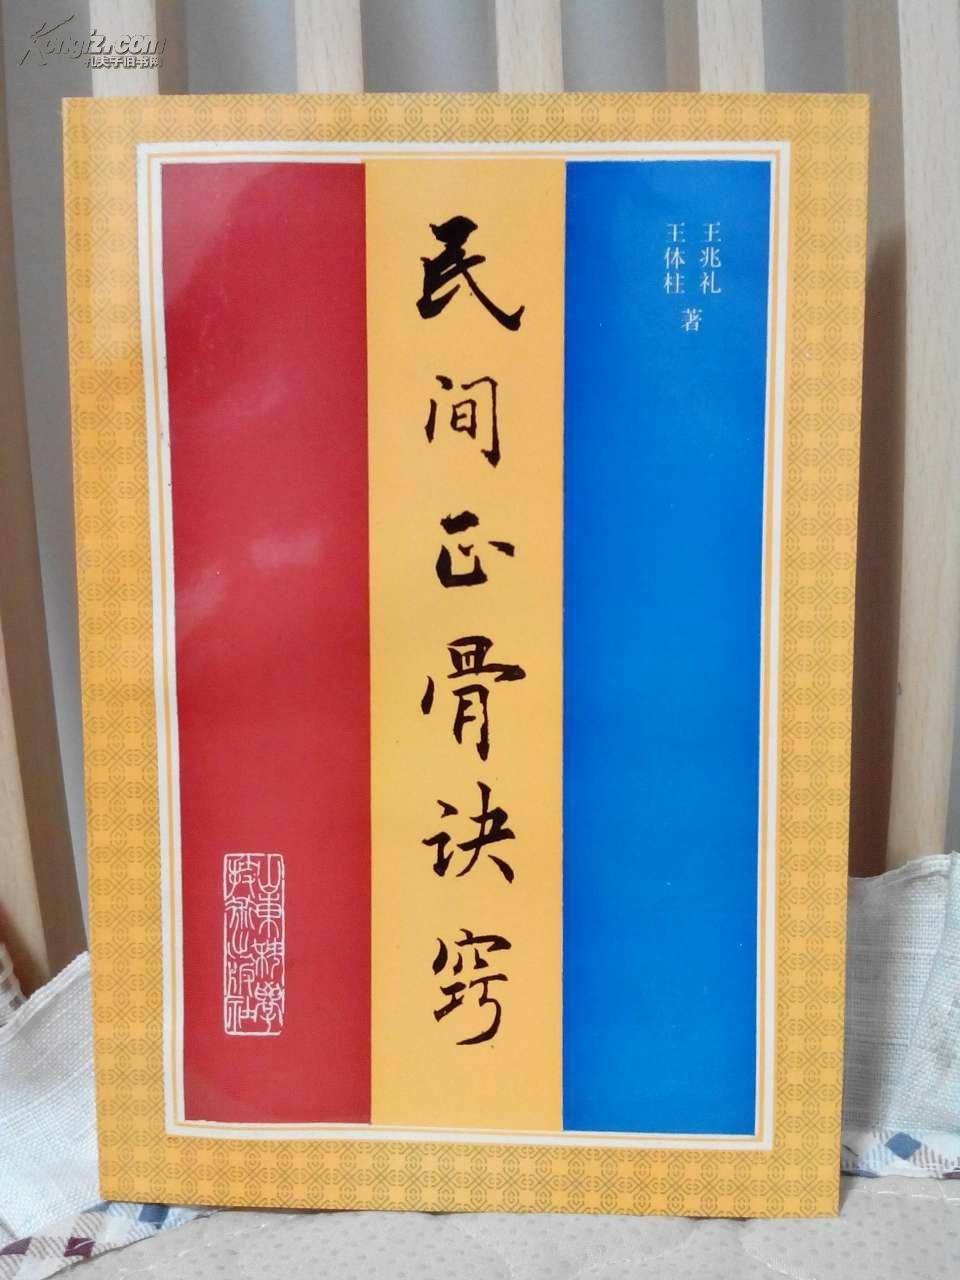 【图】民间正骨诀窍_价格:20.00_网上书店网站_孔夫子